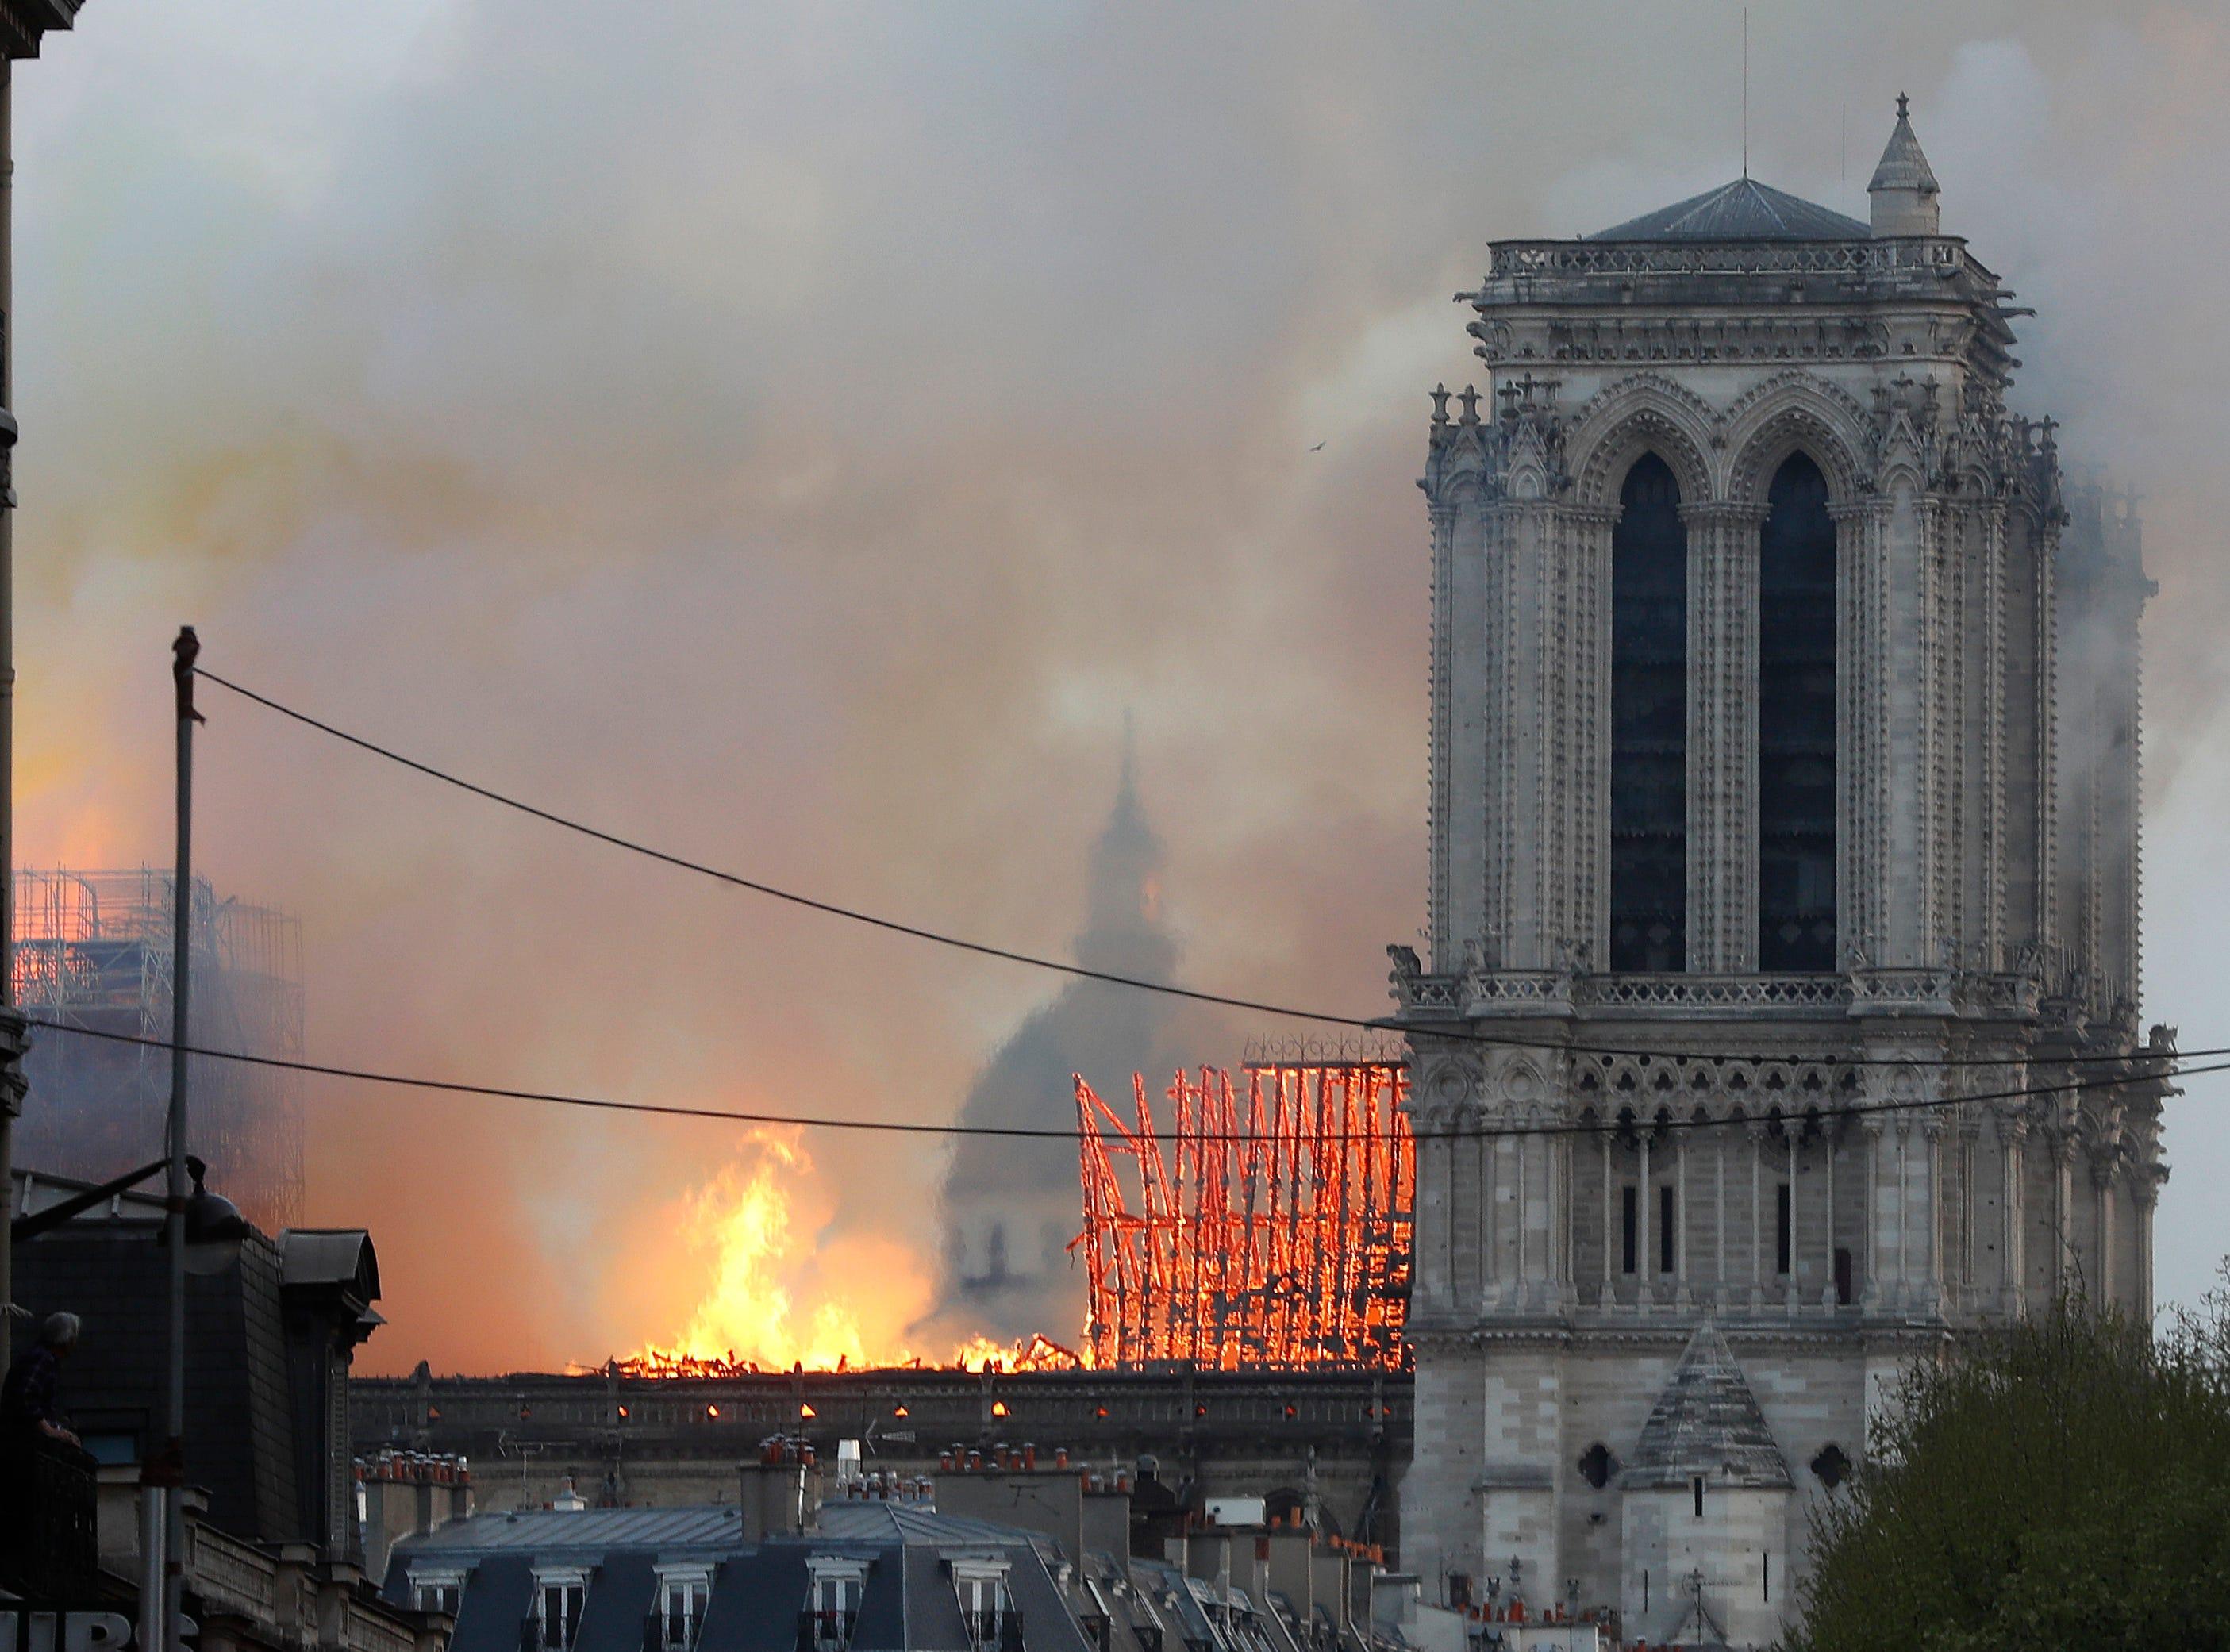 Llamas y columnas de humo se elevan desde la catedral de Notre Dame en París a medida que se quema, el lunes 15 de abril de 2019. Masas de humo marrón amarillento llenan el aire sobre la catedral de Notre Dame y caen cenizas sobre los turistas y otras personas alrededor de la isla. el centro de paris